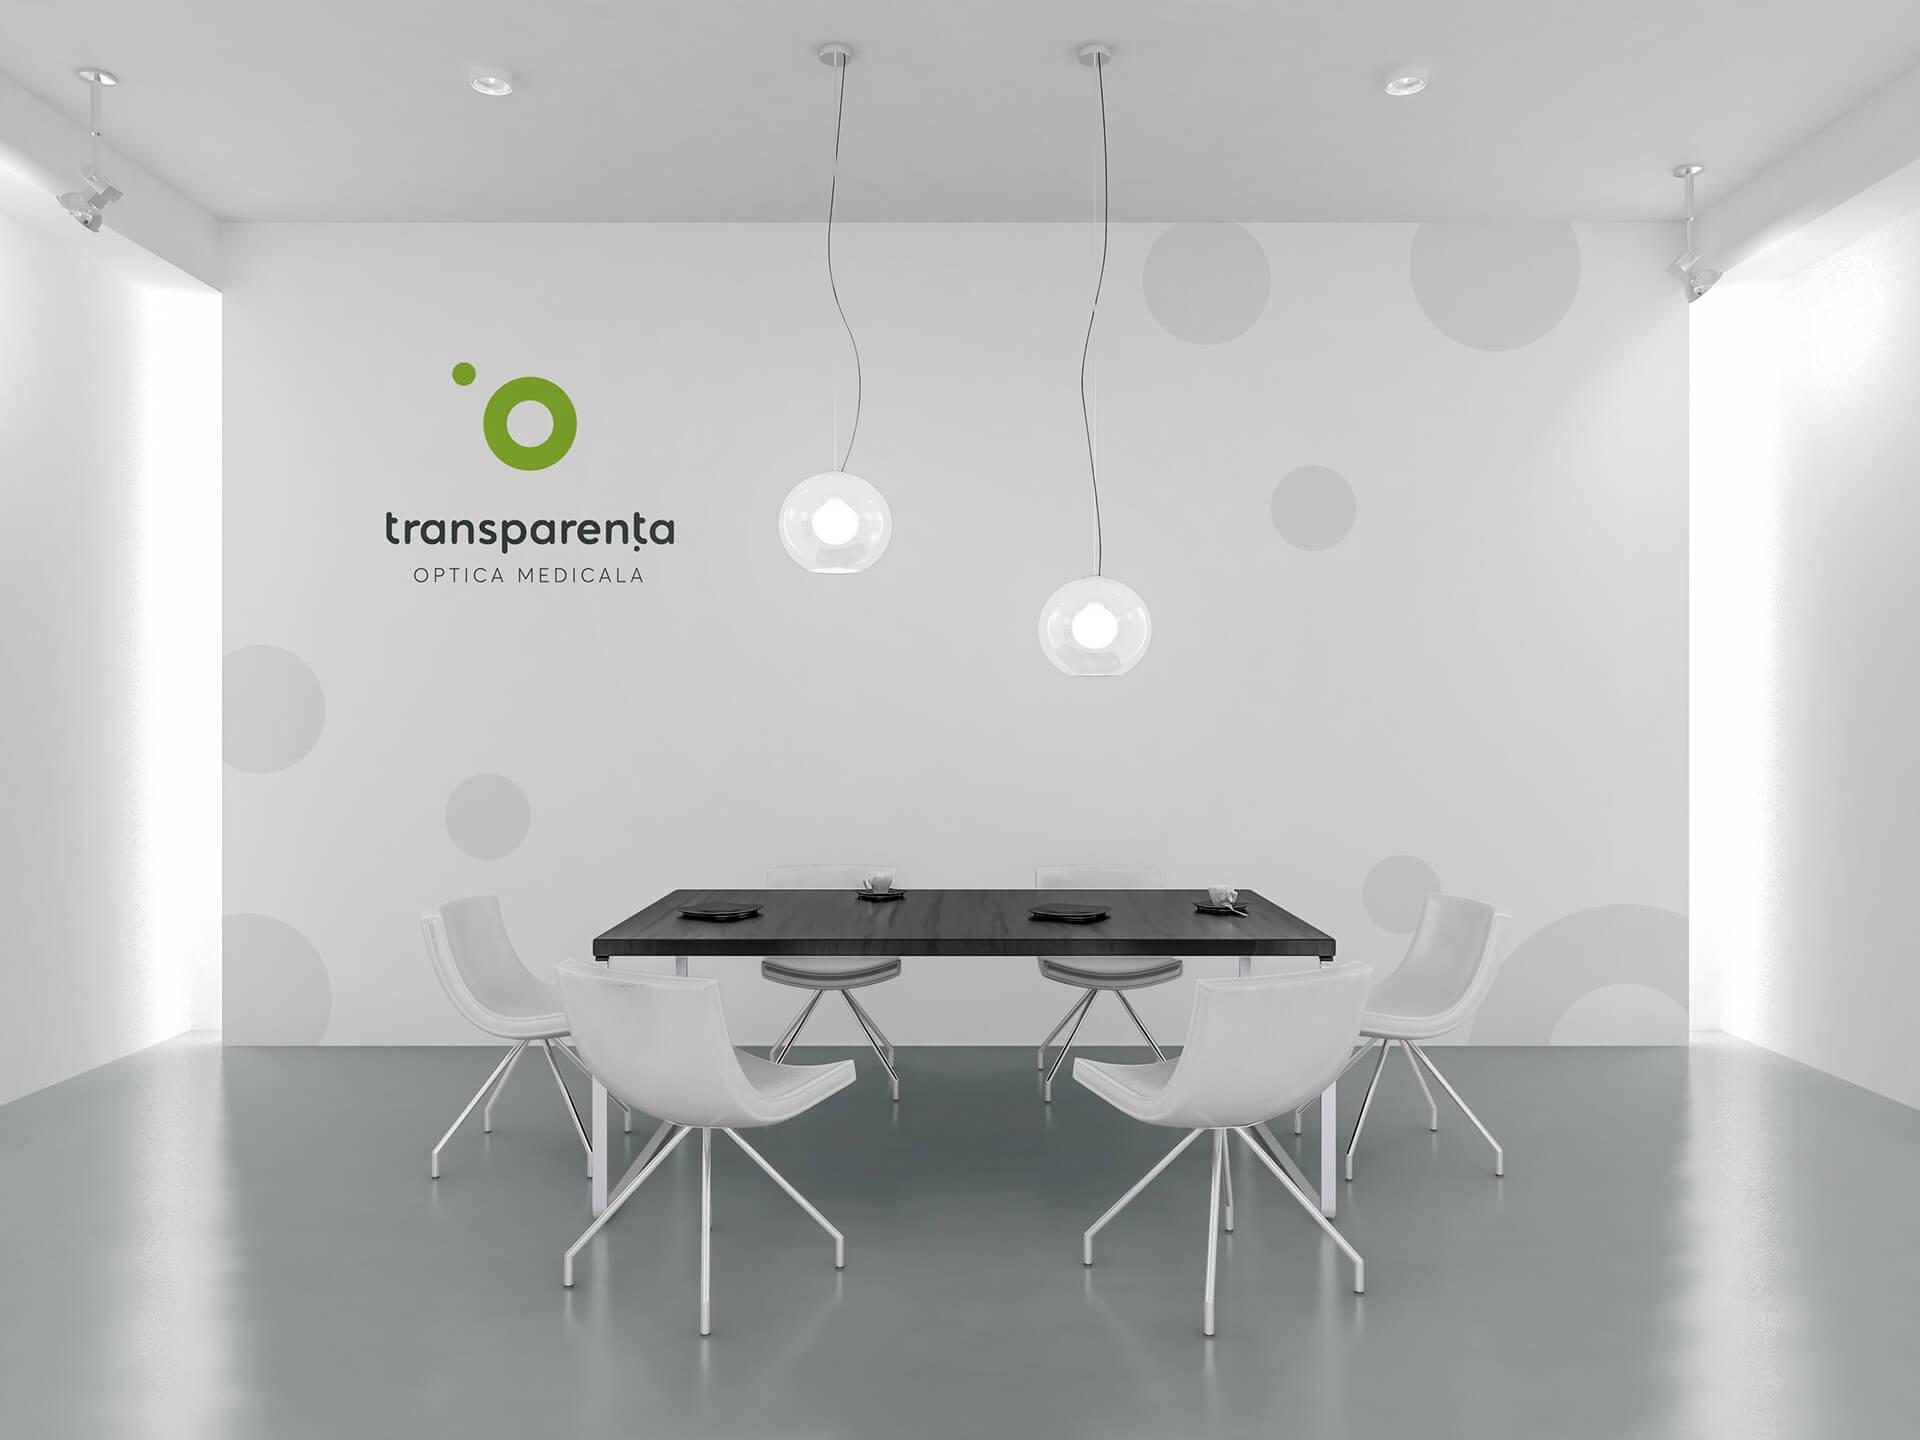 transparenta-wall-mockup